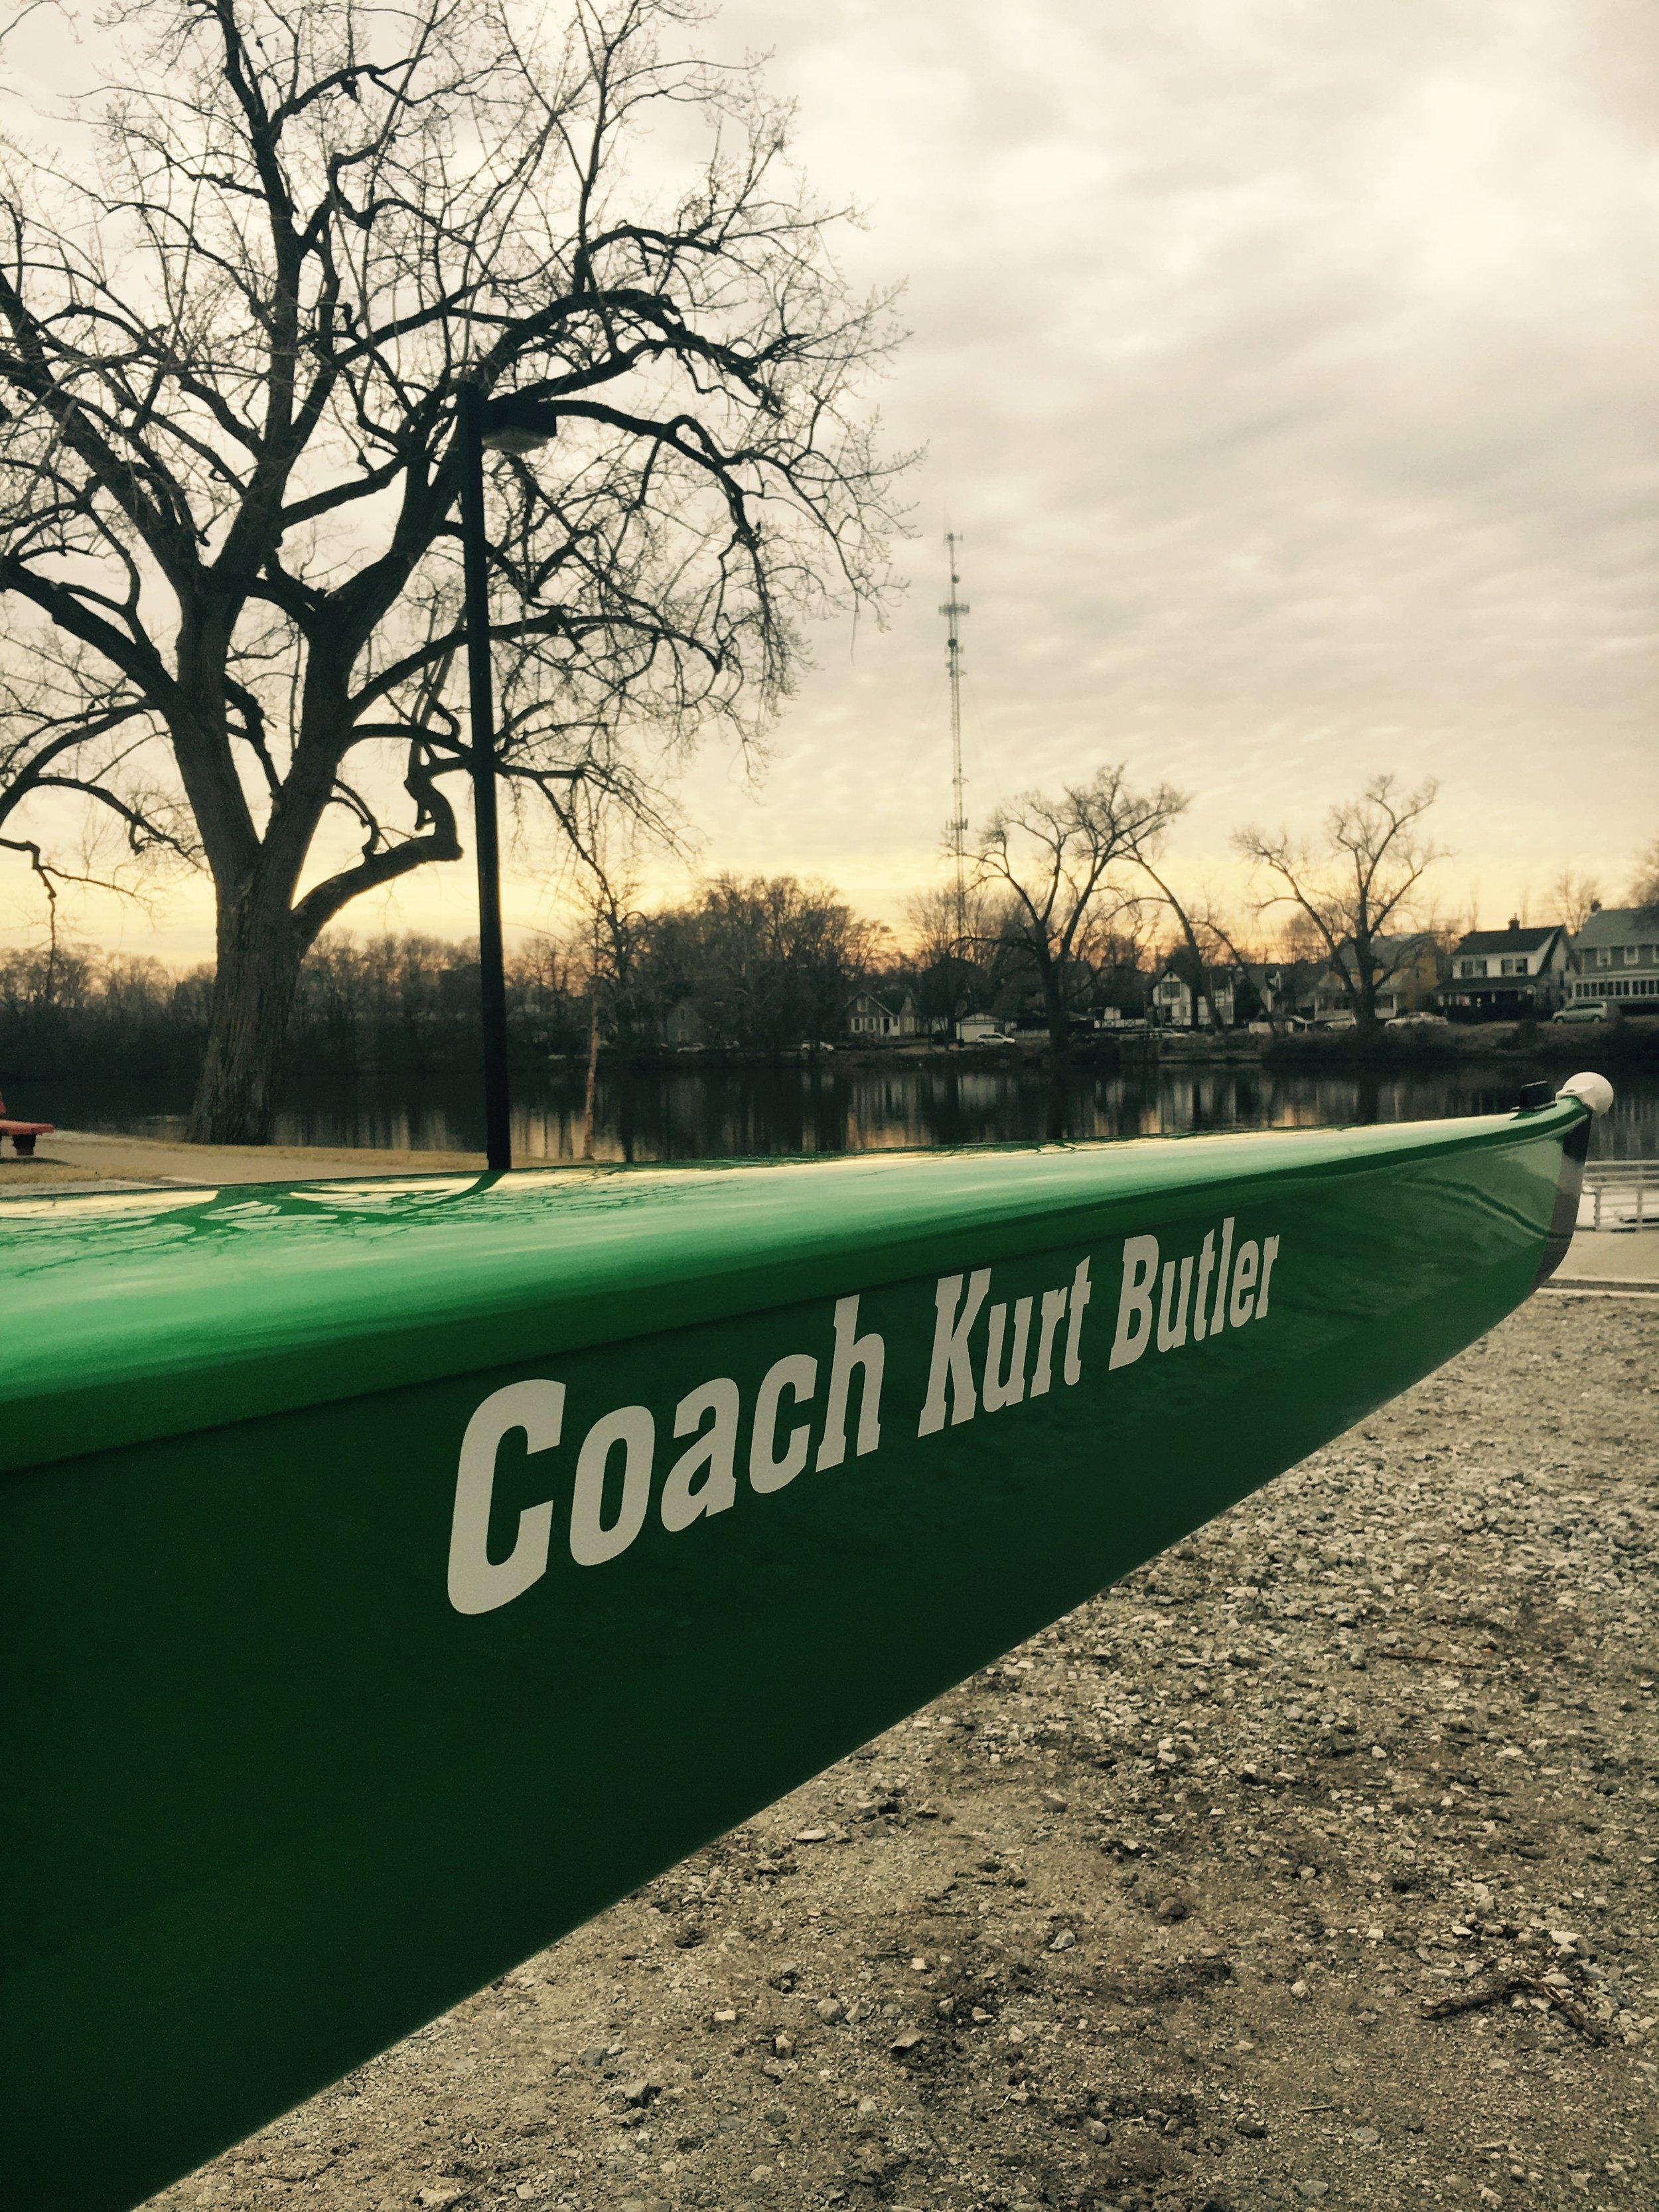 The Coach Kurt Butler